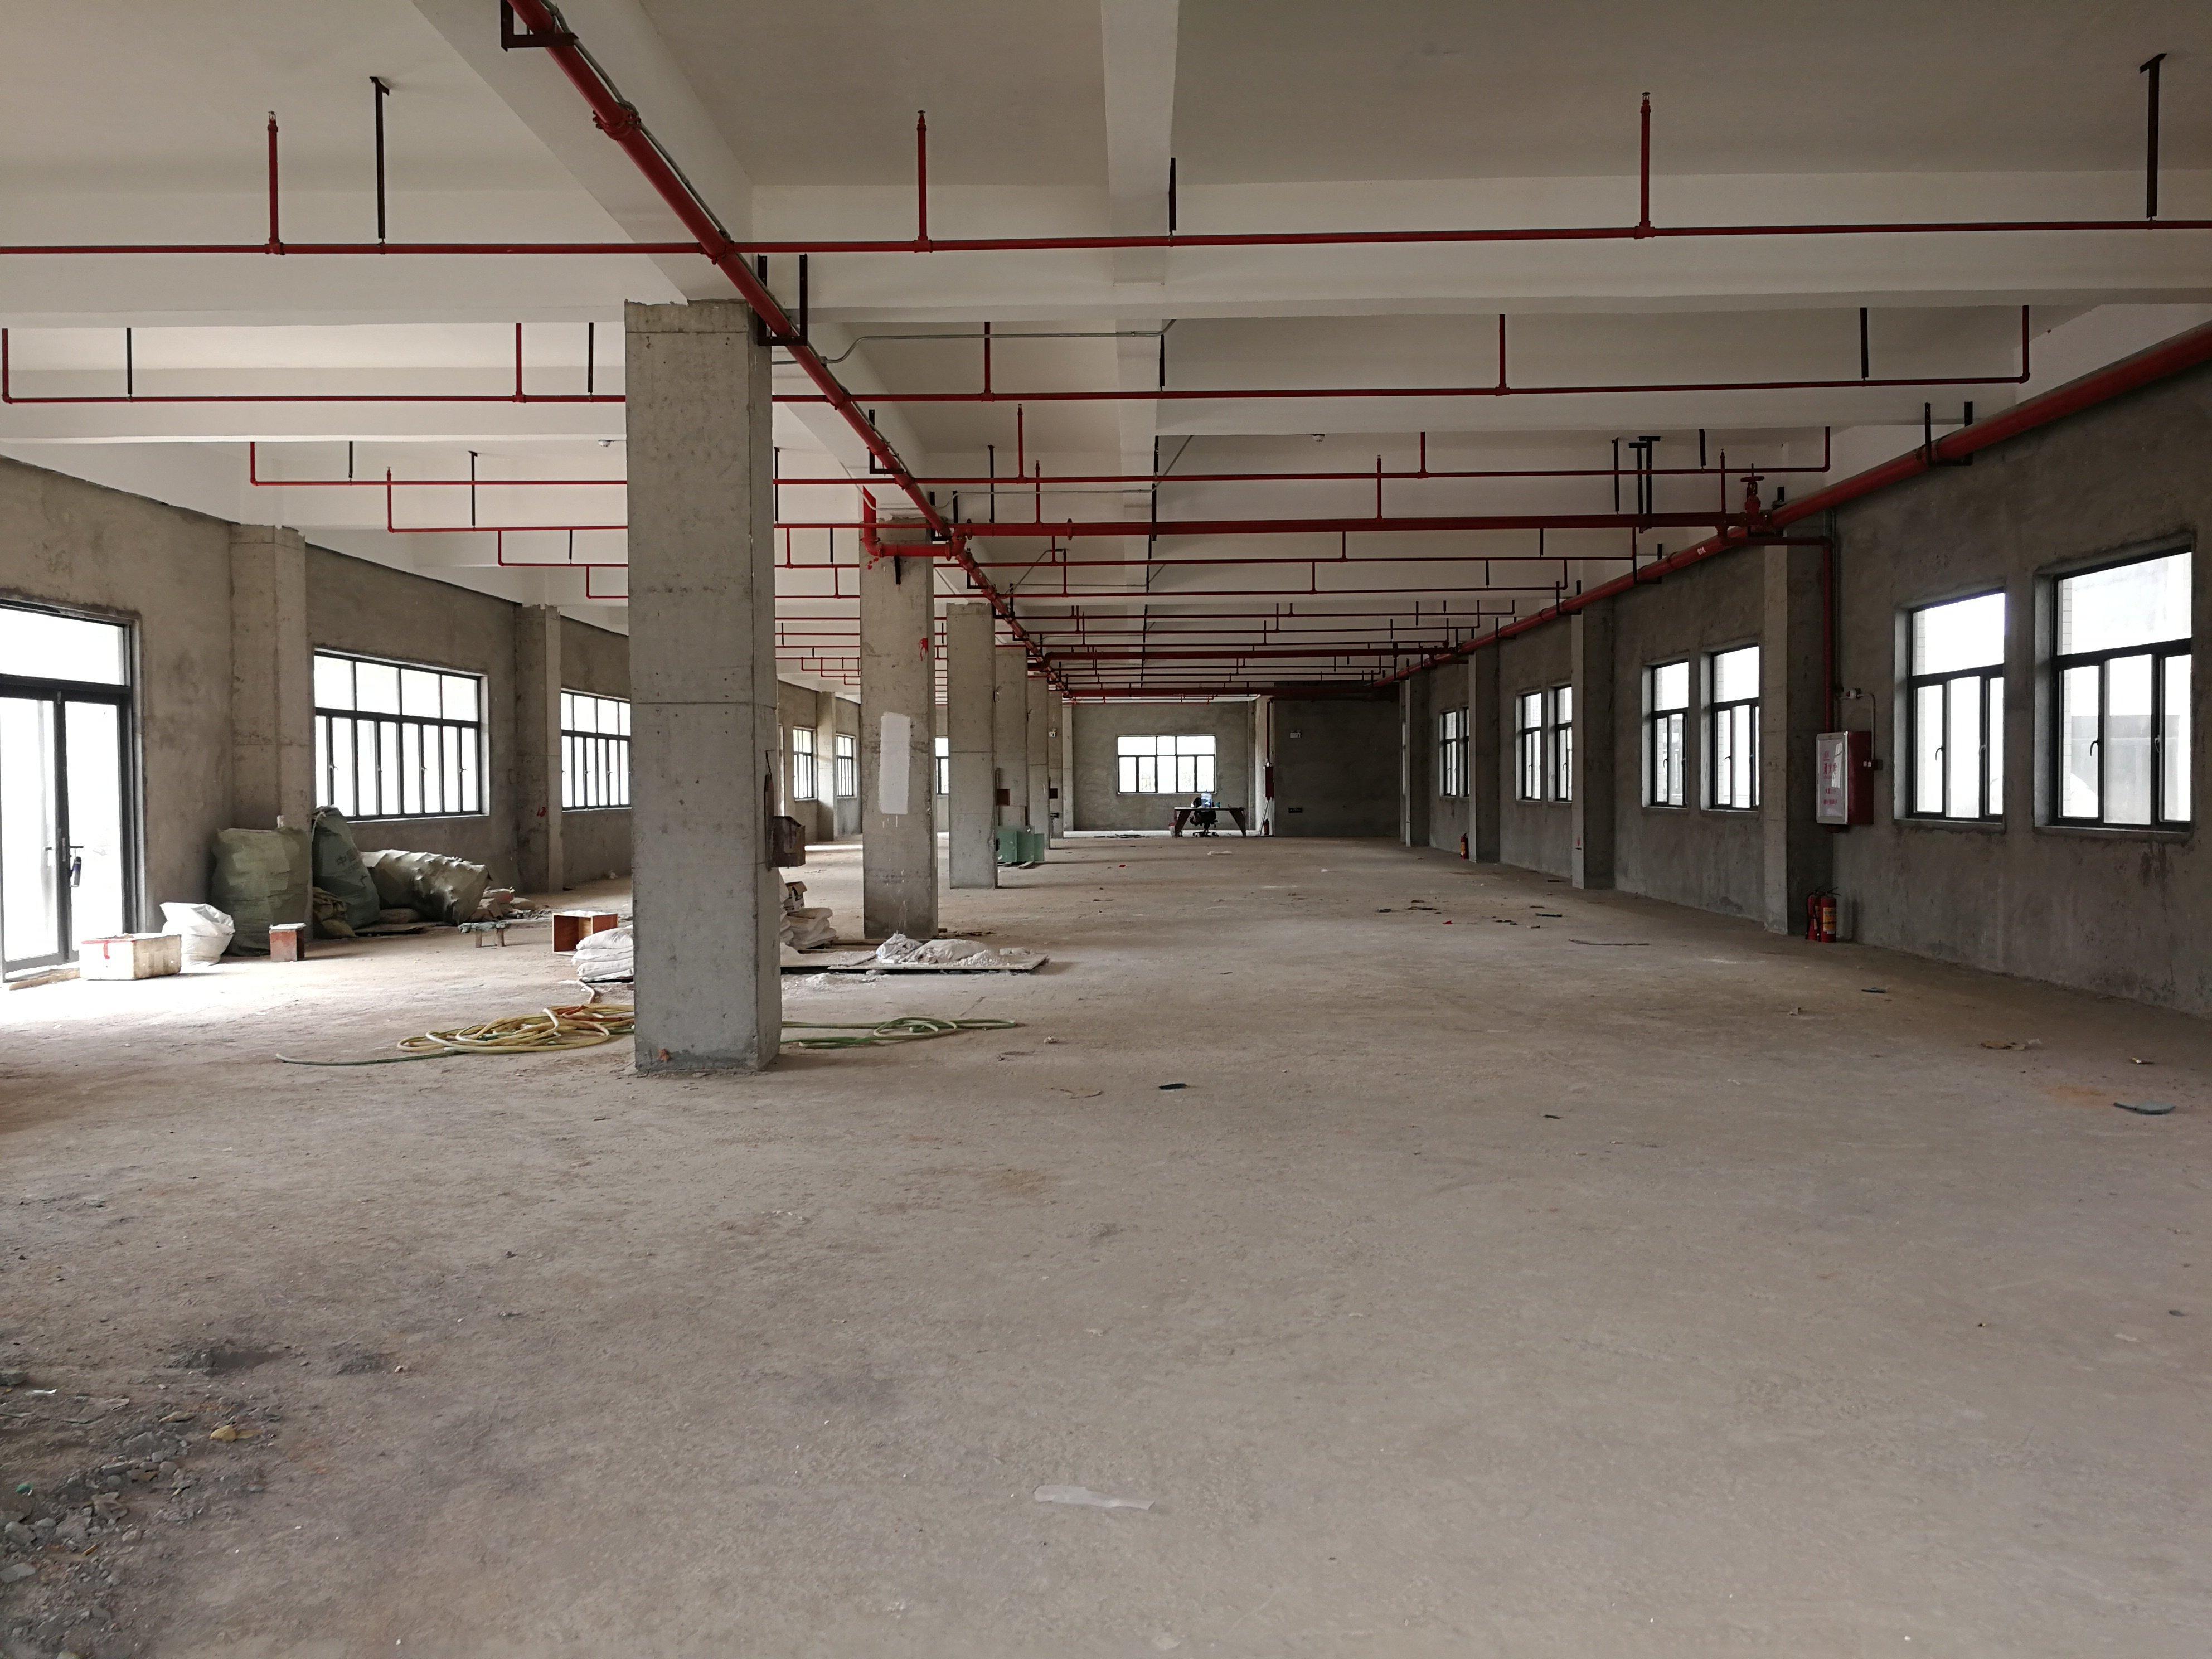 适合放置贵重物品的仓库园区管理严格免租期长达几个月